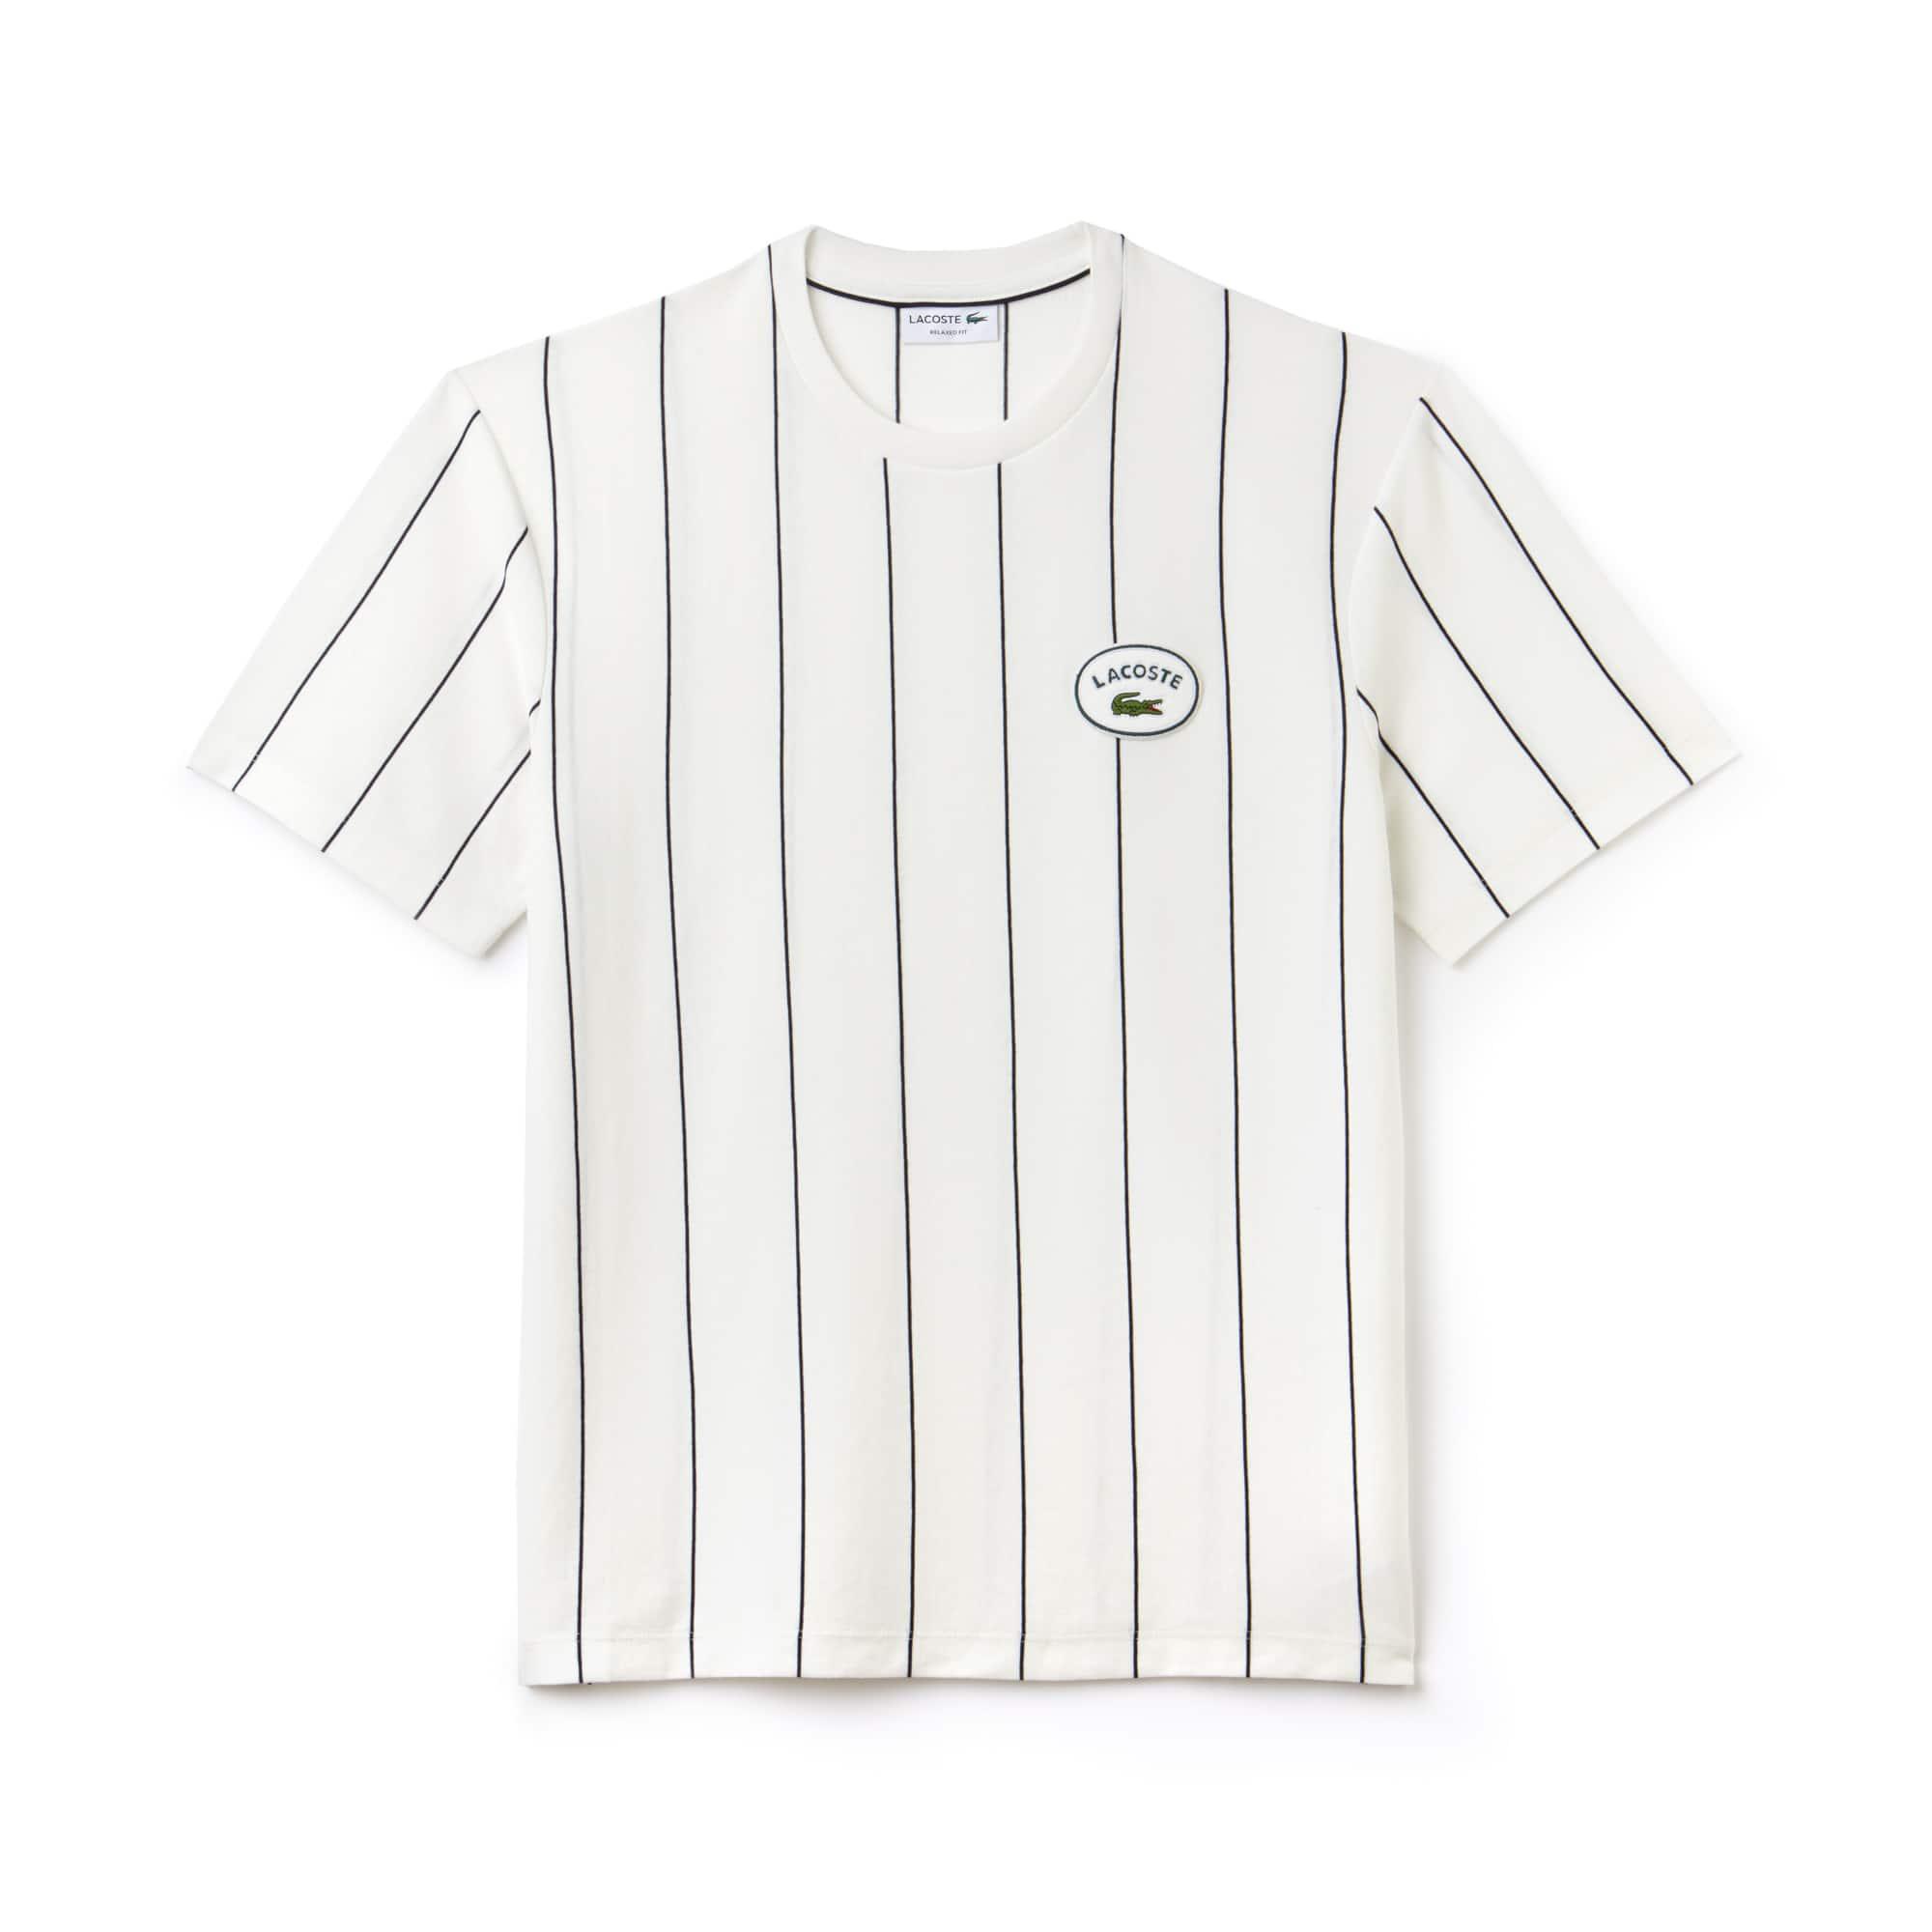 Herren Rundhals-T-Shirt aus vertikal gestreiftem Baumwolljersey